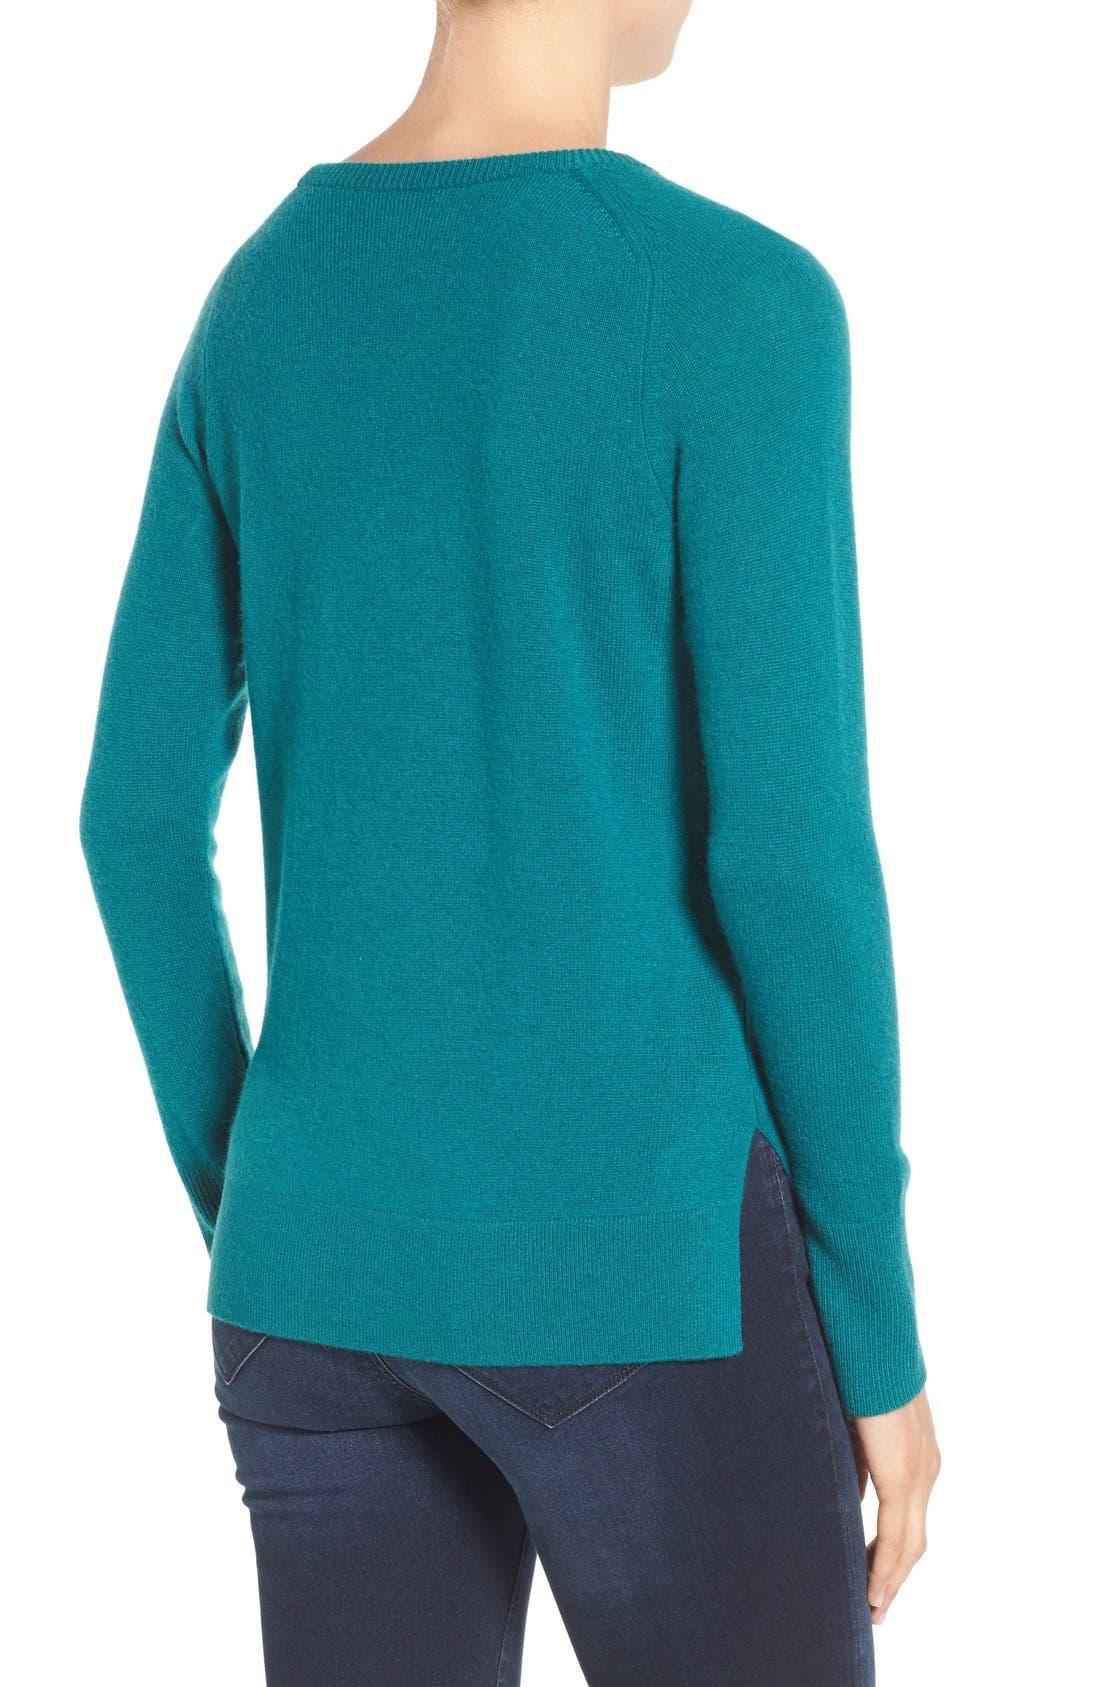 Alternate Image 2  - Halogen® Crewneck Lightweight Cashmere Sweater (Regular & Petite)